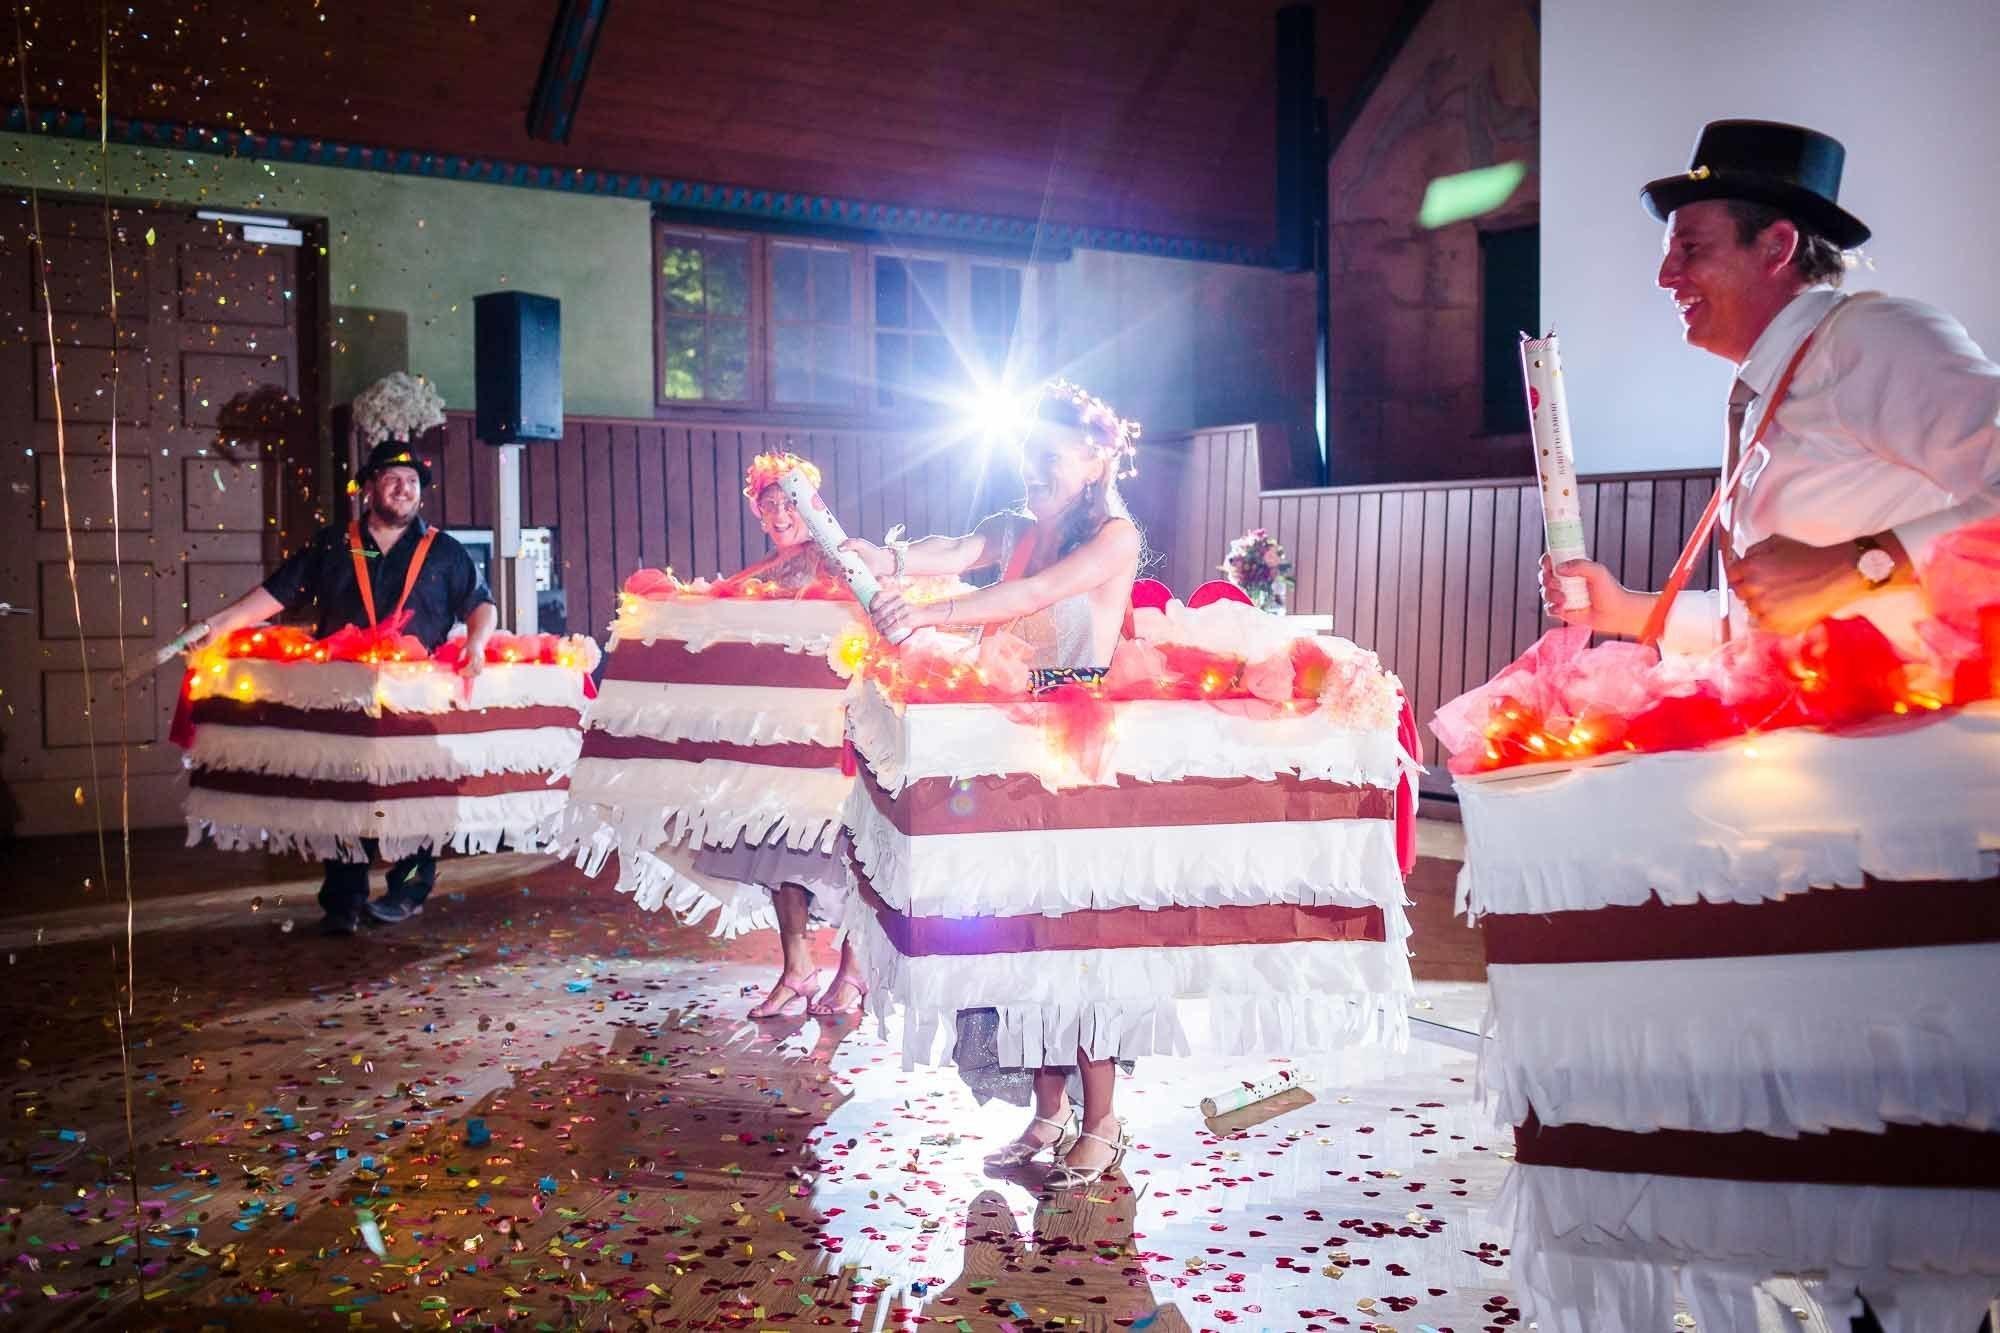 Gäste als Tortenstücke verkleidet tanzen